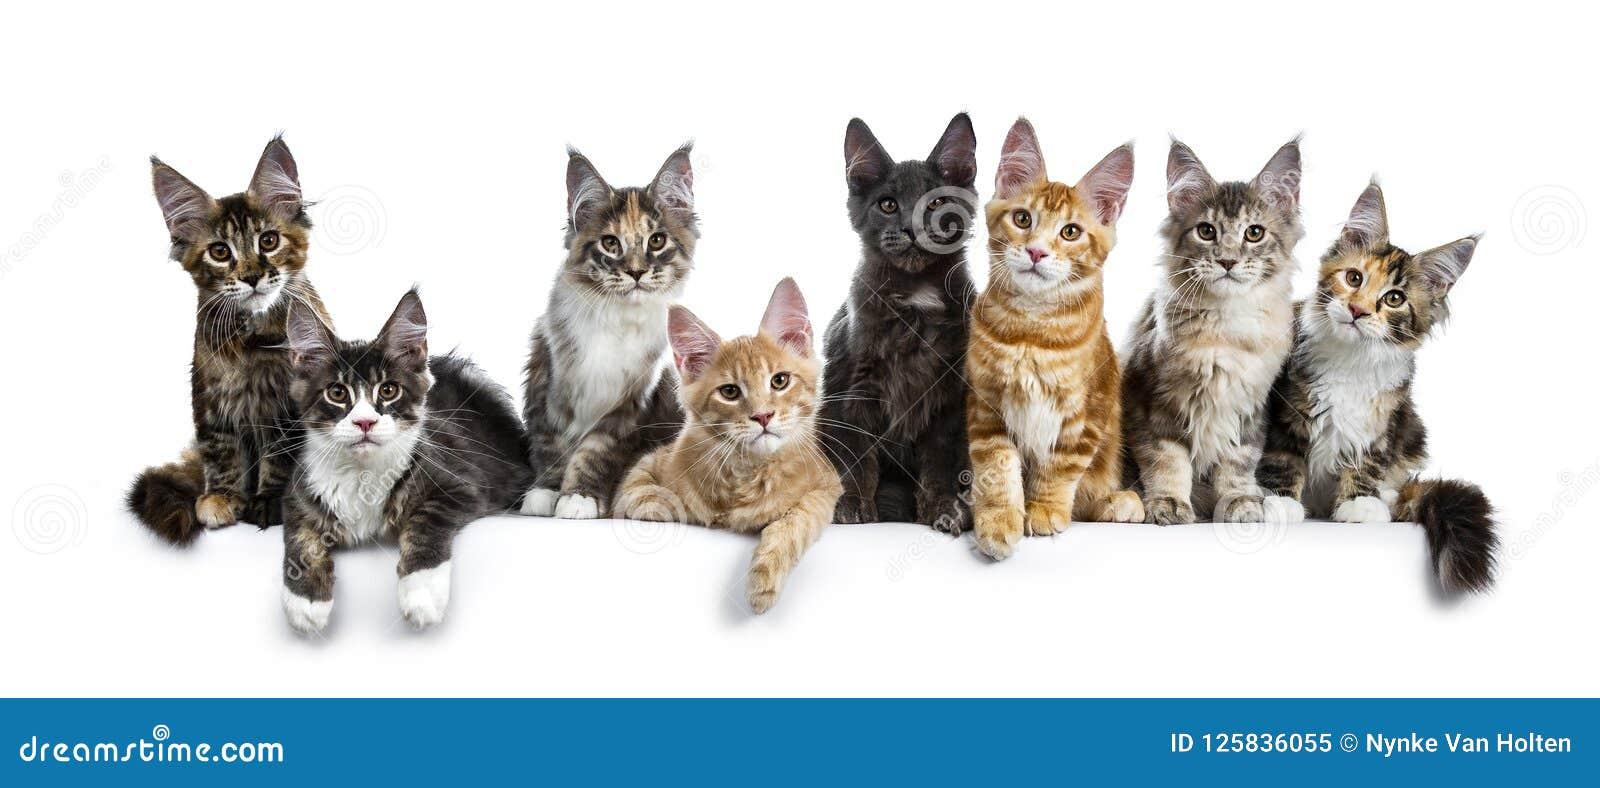 Gatinhos coloridos do gato de Maine Coon da fileira/Grupo dos Oito multi isolados em um fundo branco